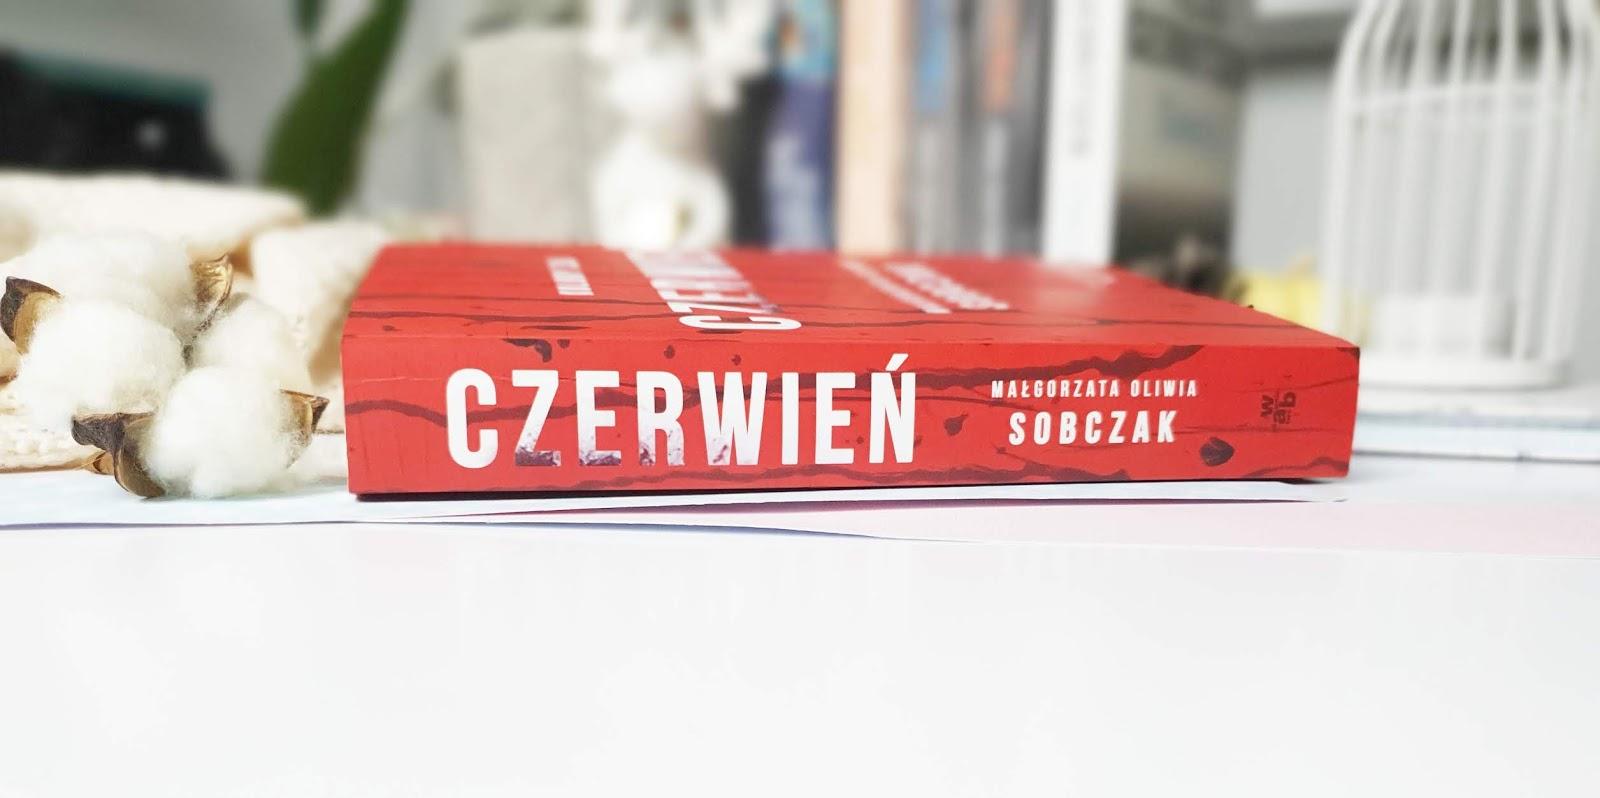 https://www.gwfoksal.pl/kolory-zla-czerwien-tom-1-malgorzata-oliwia-sobczak-sku0fe66999f5b92fec8e73.html